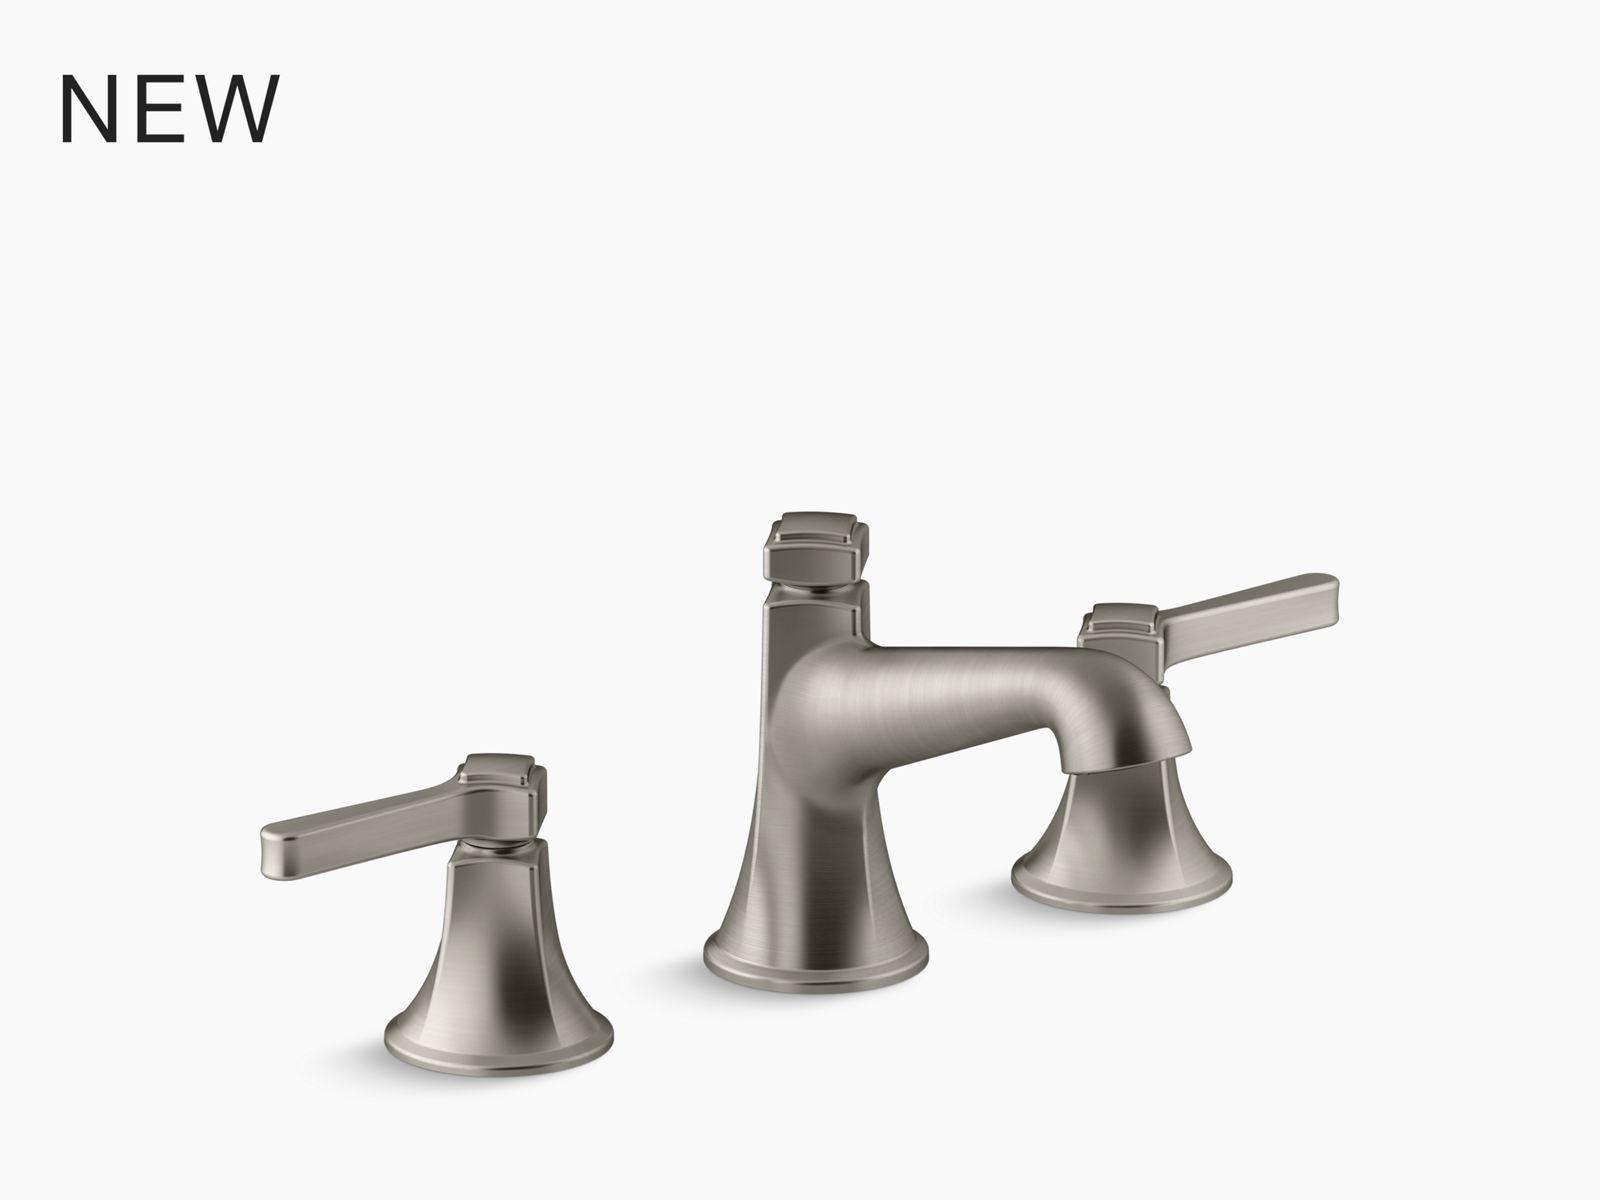 katun centerset bathroom sink faucet